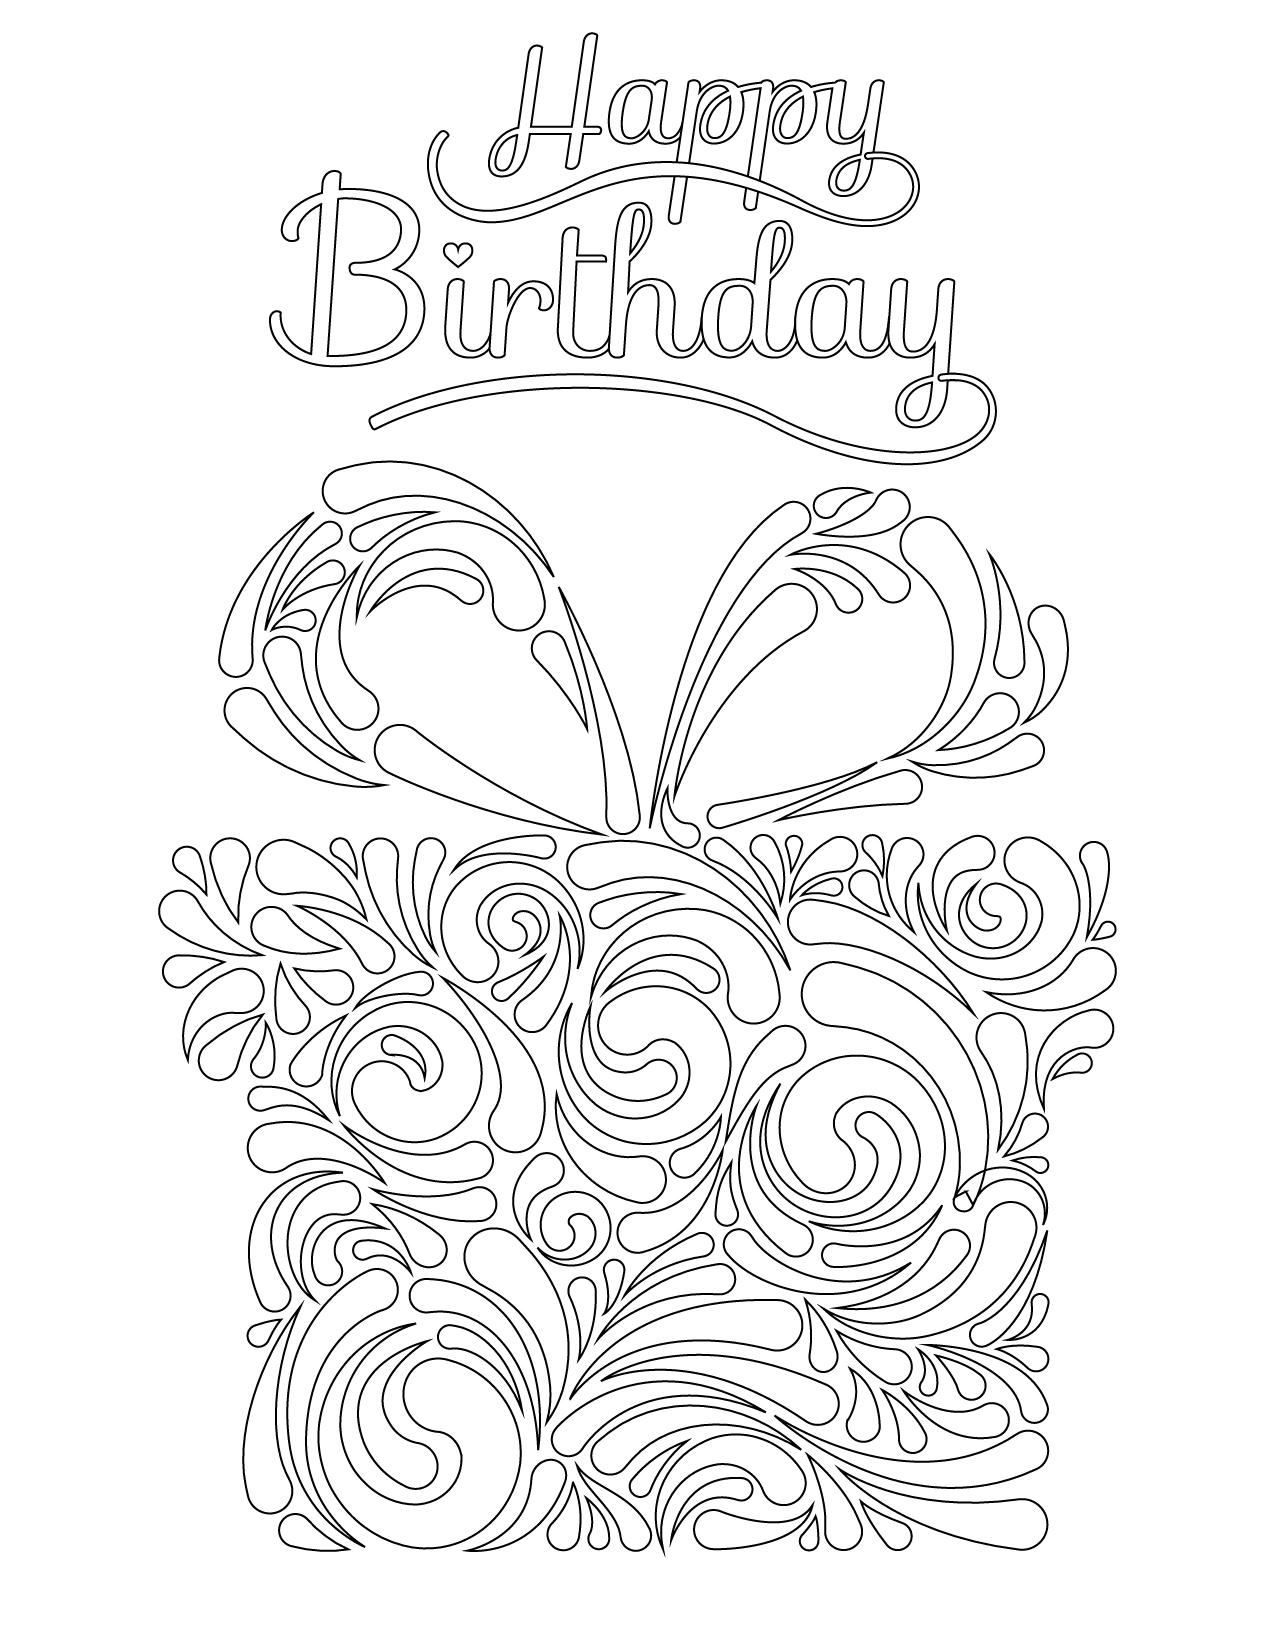 Joyeux anniversaire notre fondatrice impression dessin - Coloriage de joyeux anniversaire ...